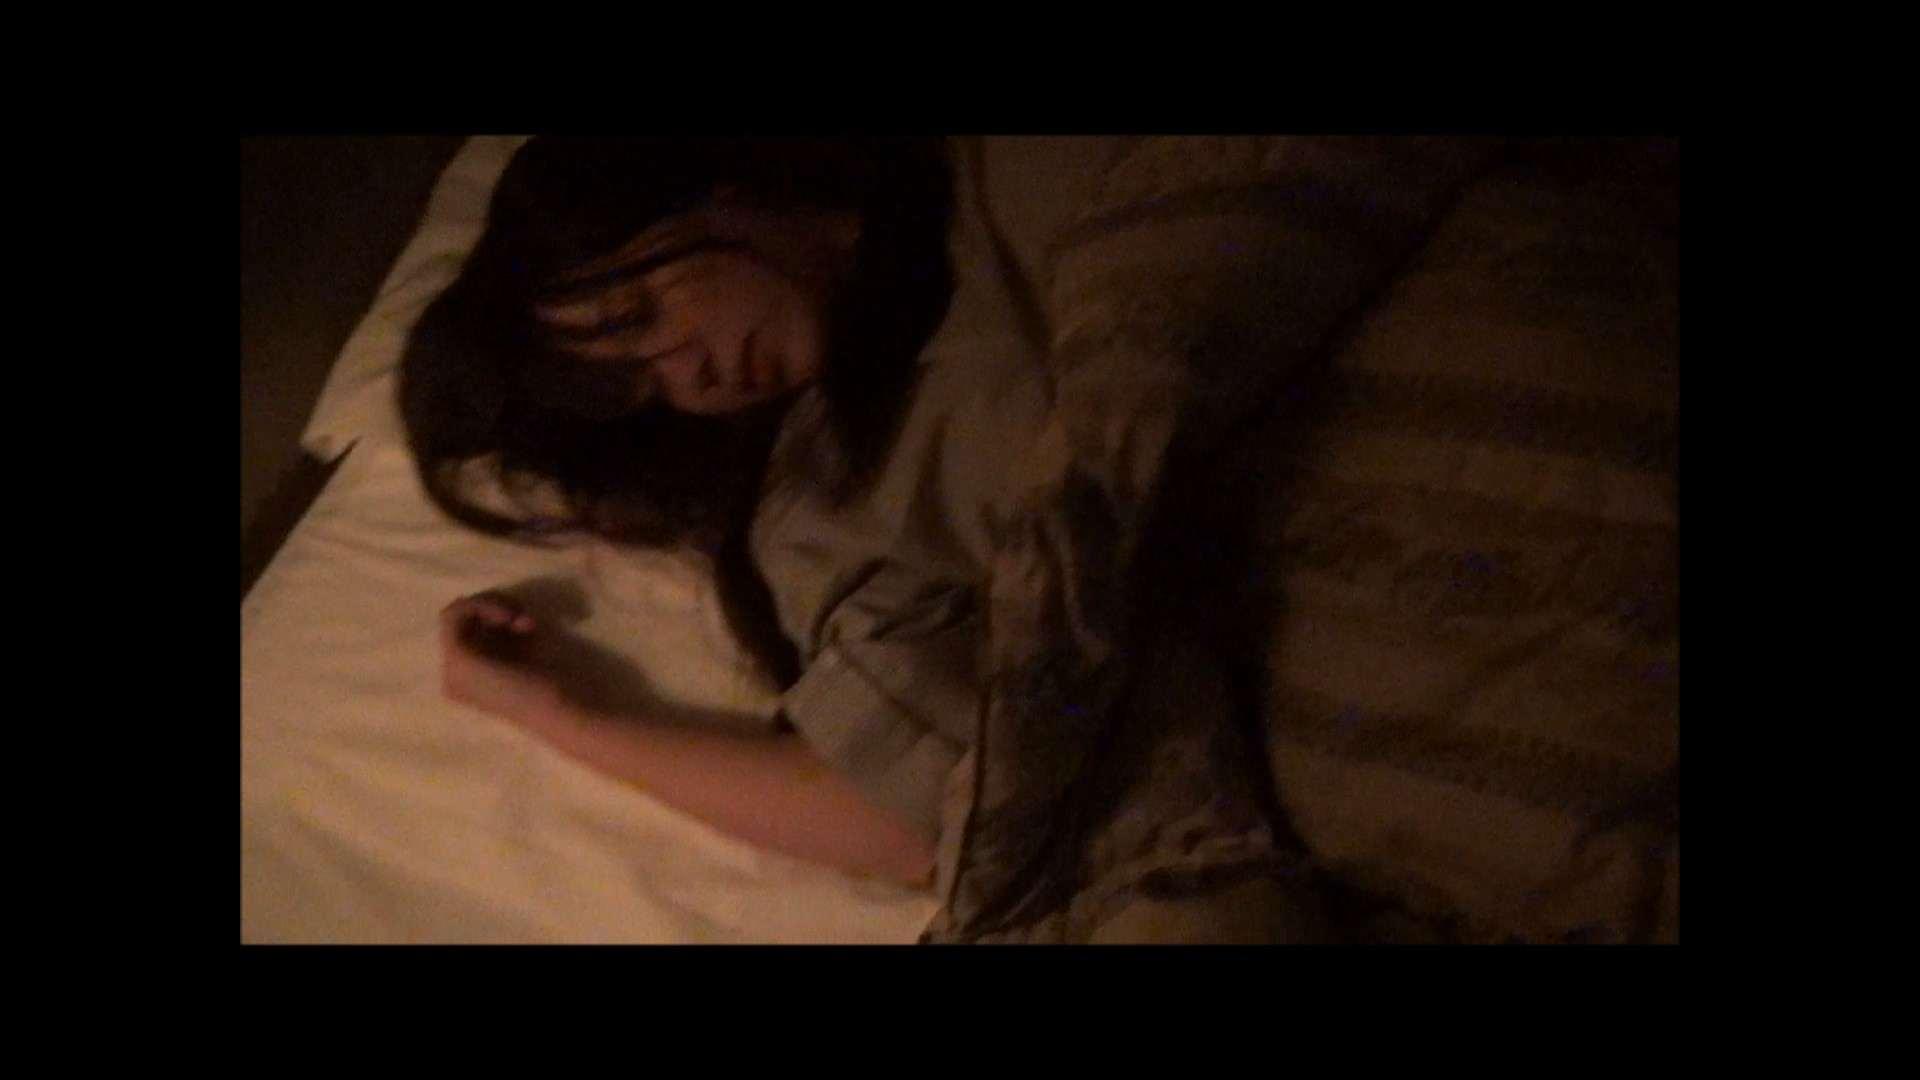 エッチ 熟女|vol.52  【Miiちゃん】駅地下FSモール靴屋店員20歳(3回目)|怪盗ジョーカー